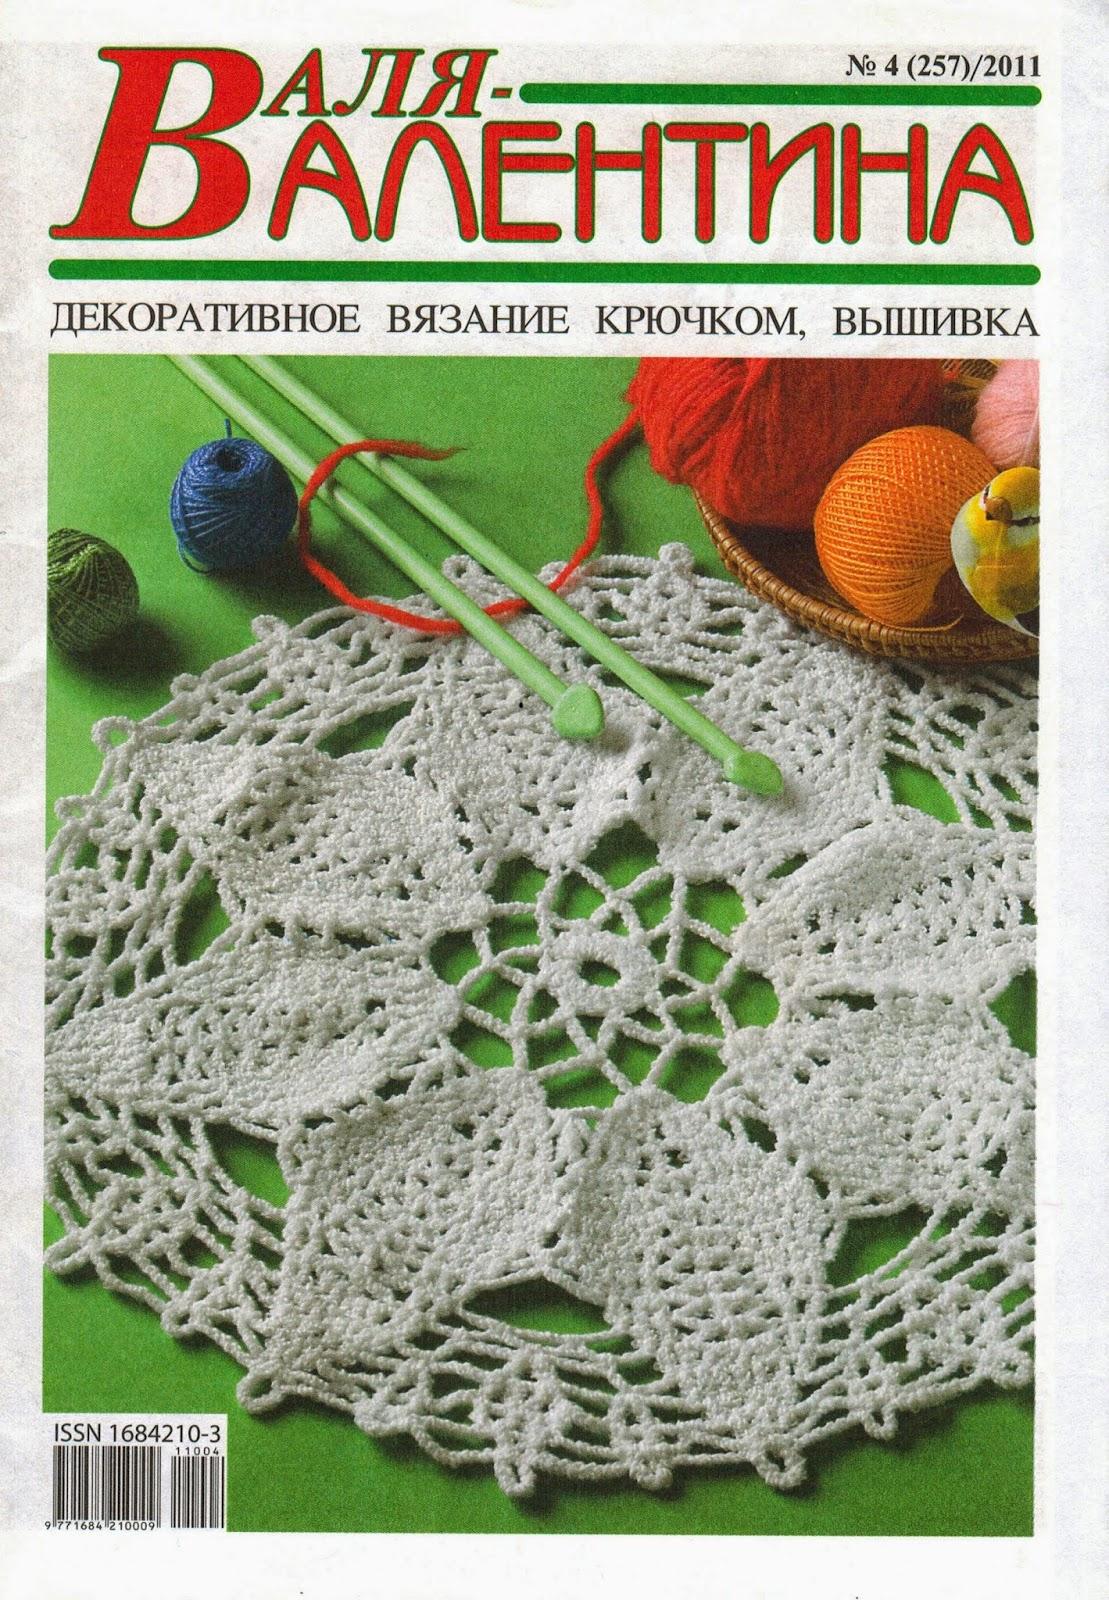 Валя-Валентина №4 за 2011 г.